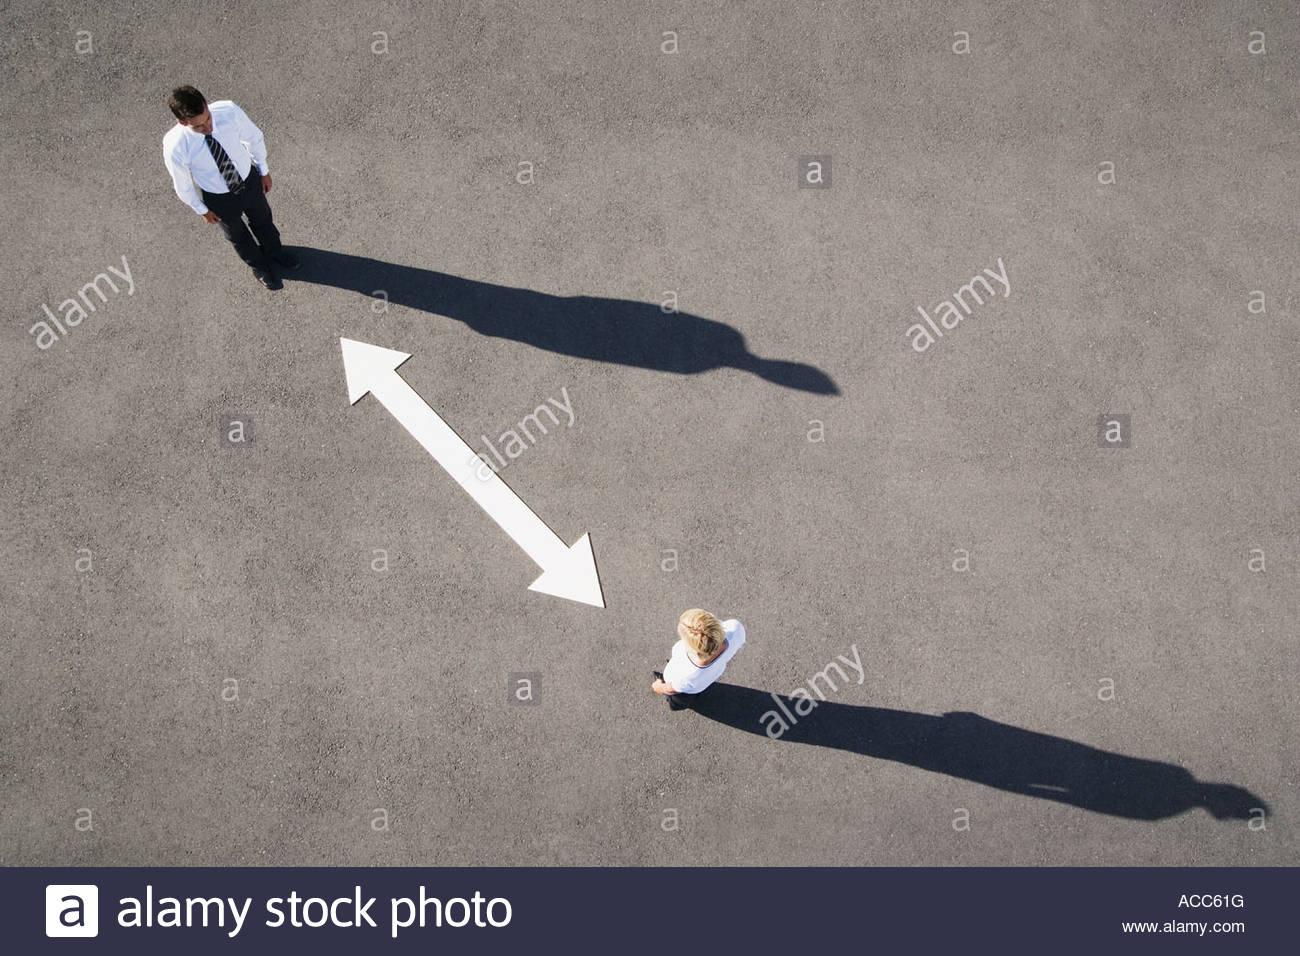 Vista aerea di un uomo e di una donna con la freccia sulla pavimentazione Immagini Stock